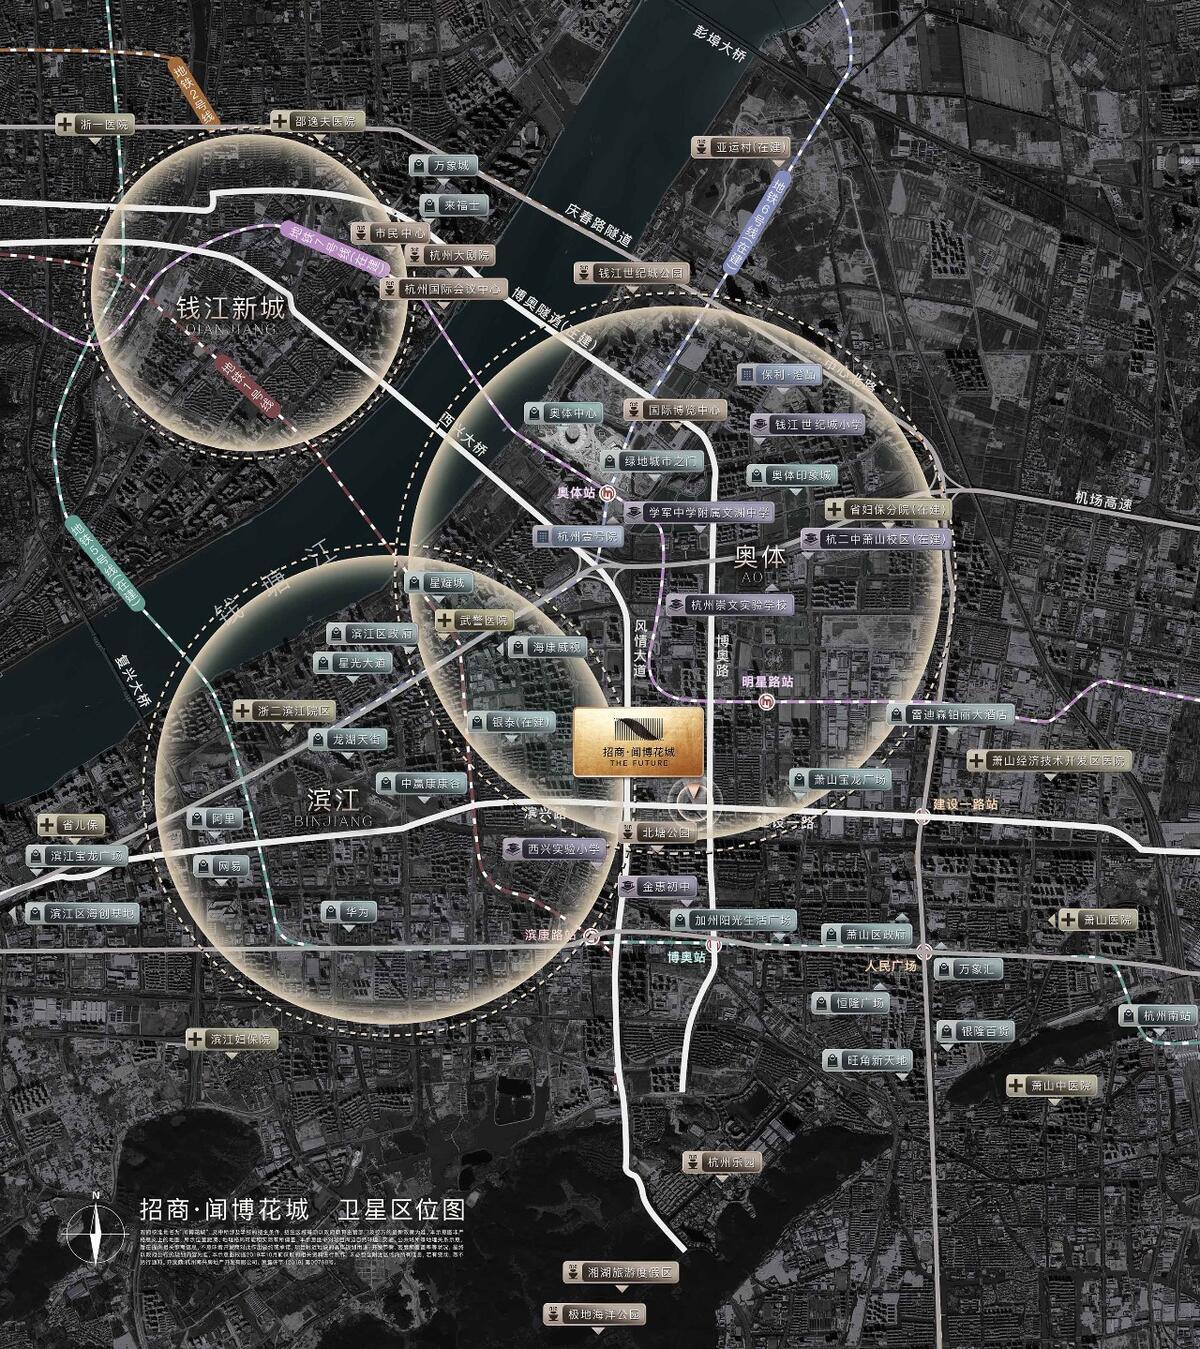 卫星区位图